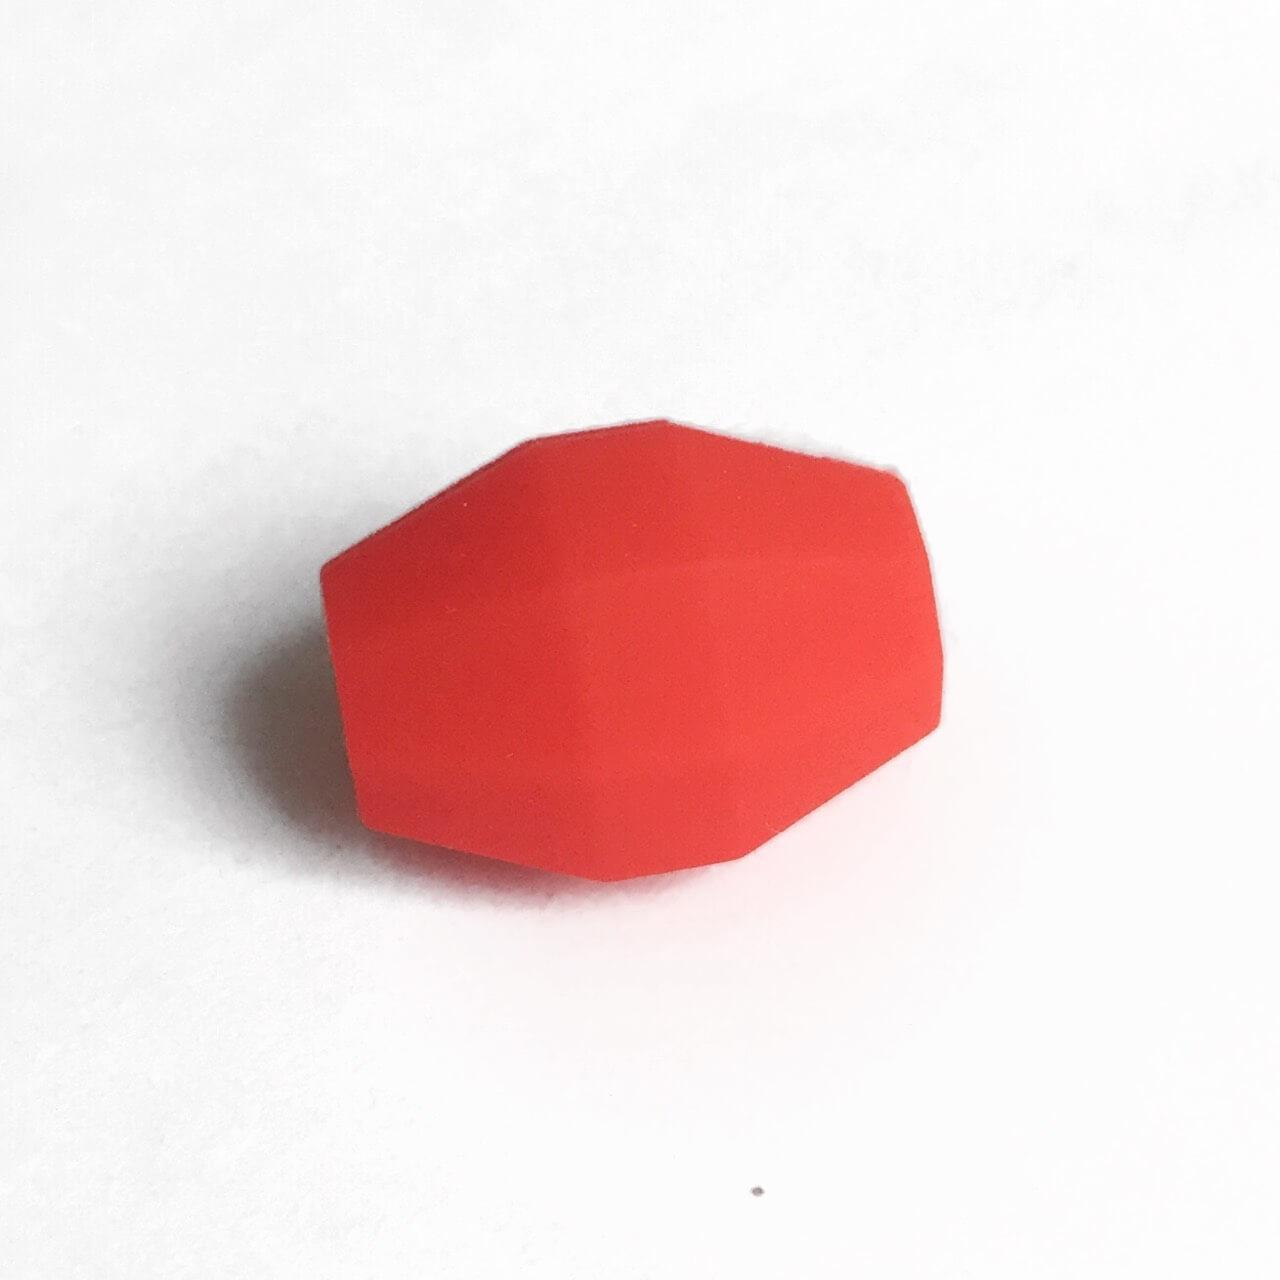 Бочка (красный)  бусина из силикона